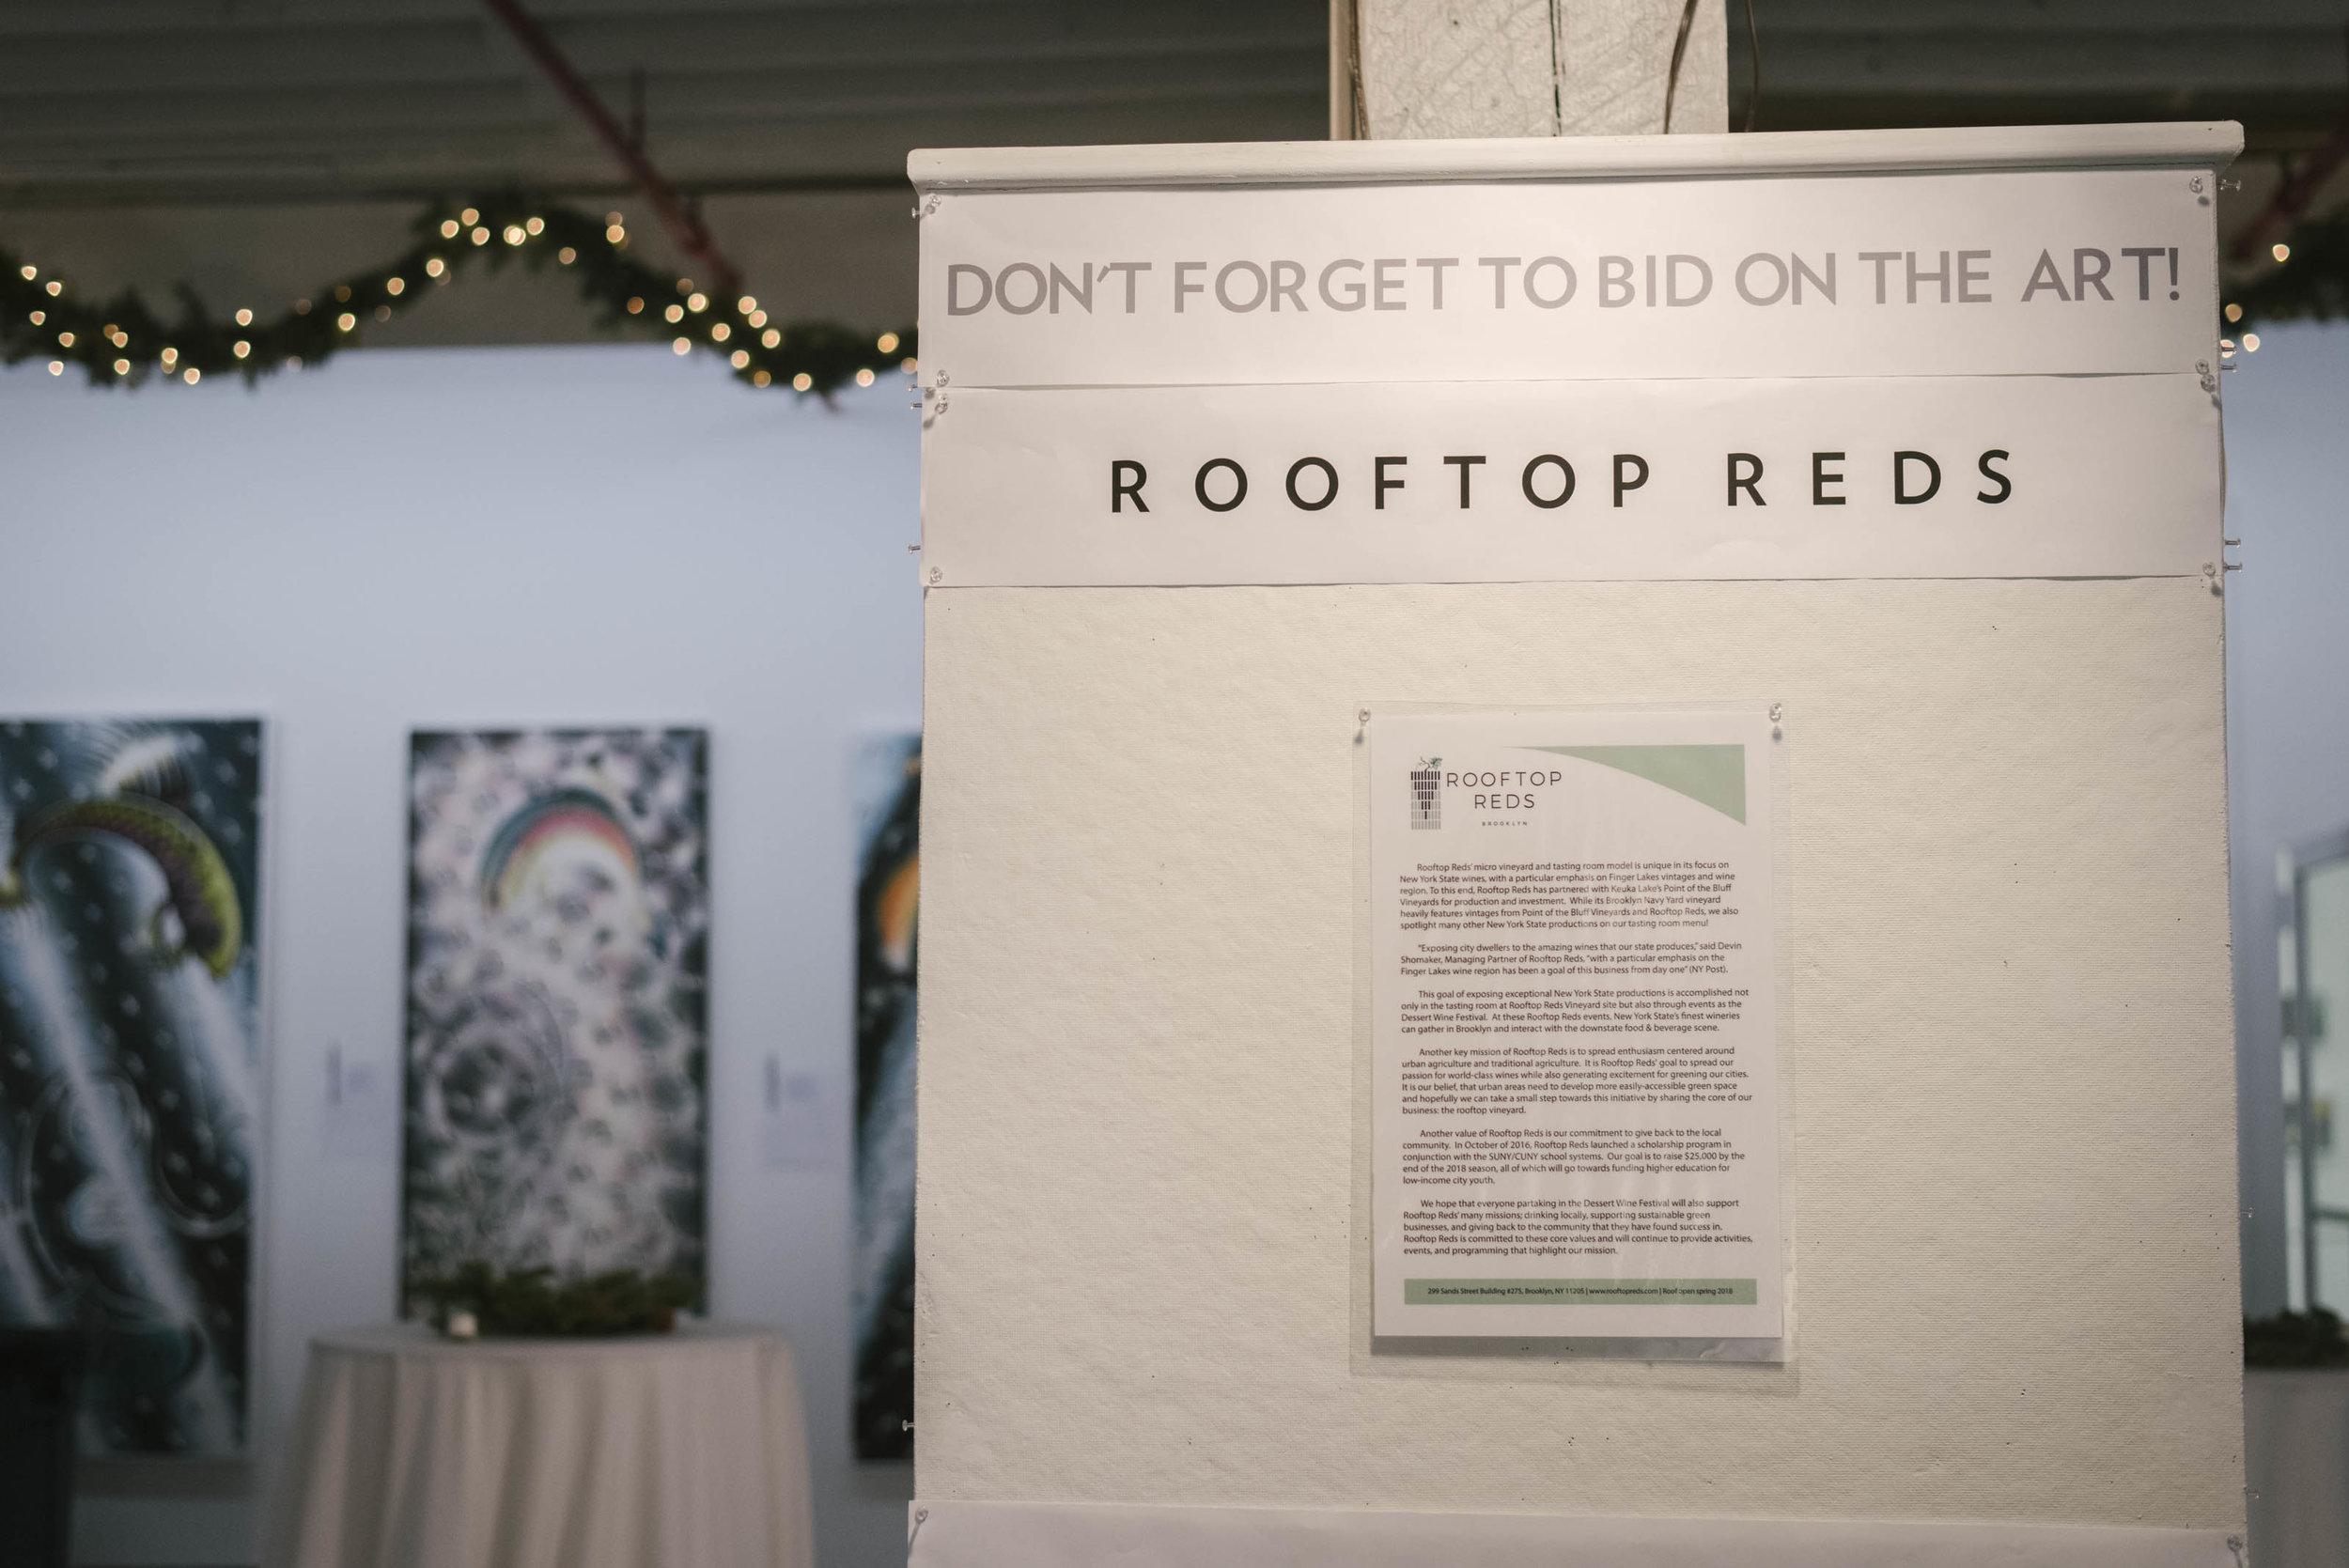 rooftop-reds-brooklyn4.jpg